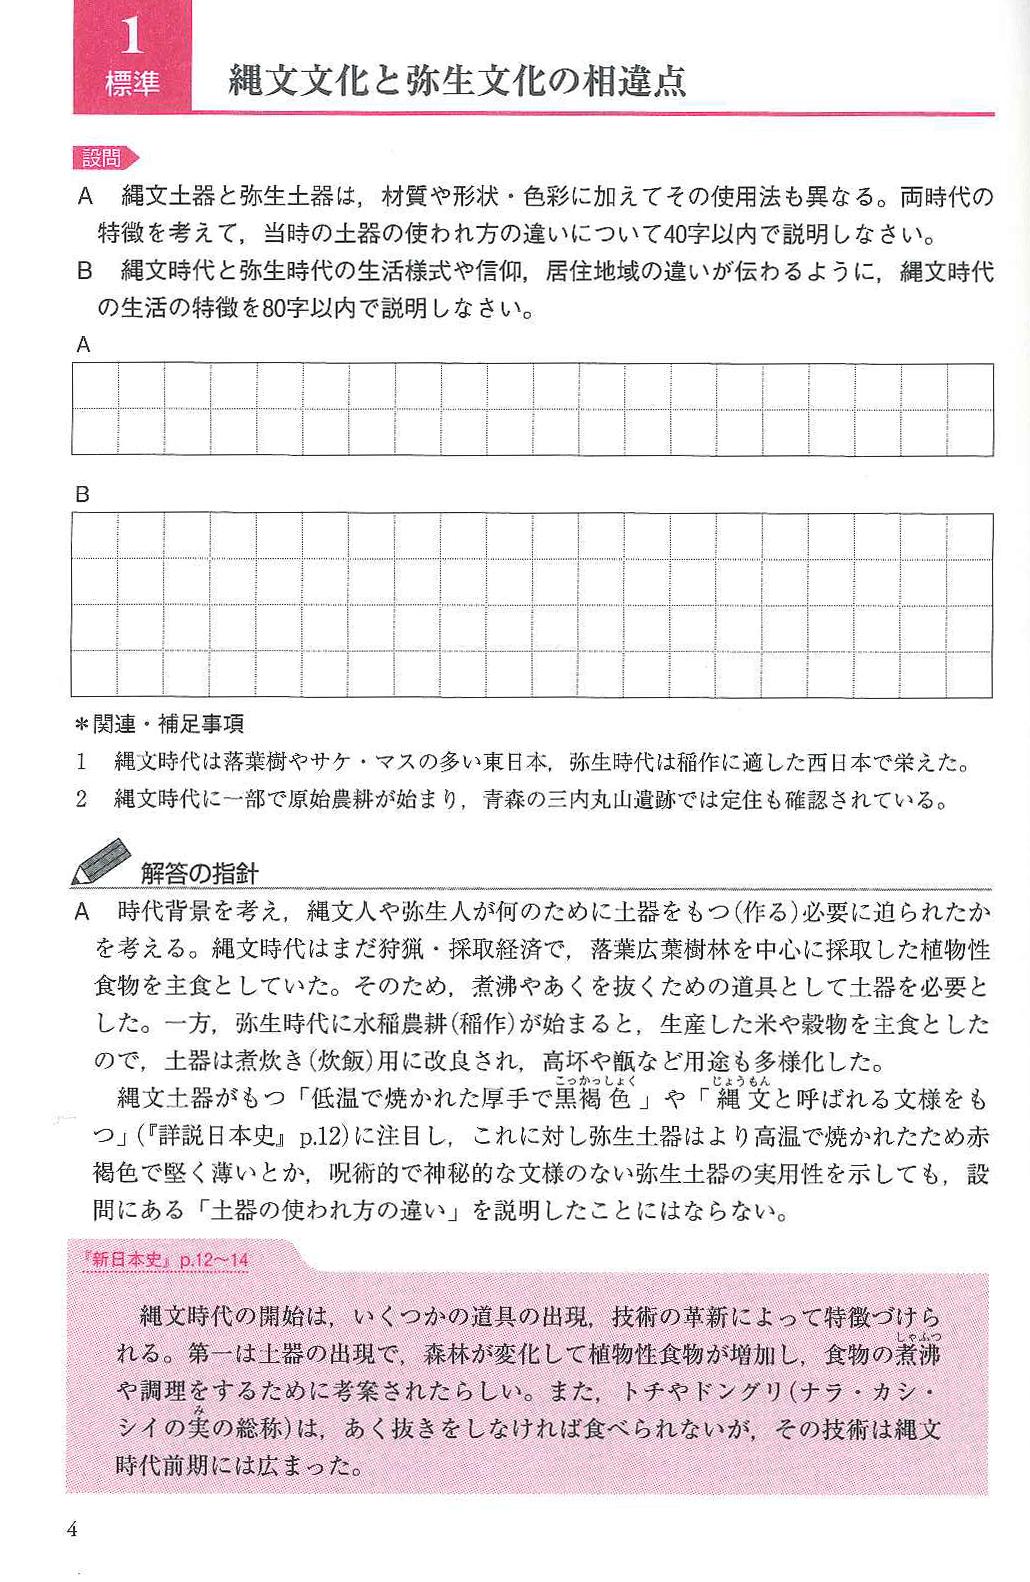 日本史リブレット - 文献目録とブックリストのwiki